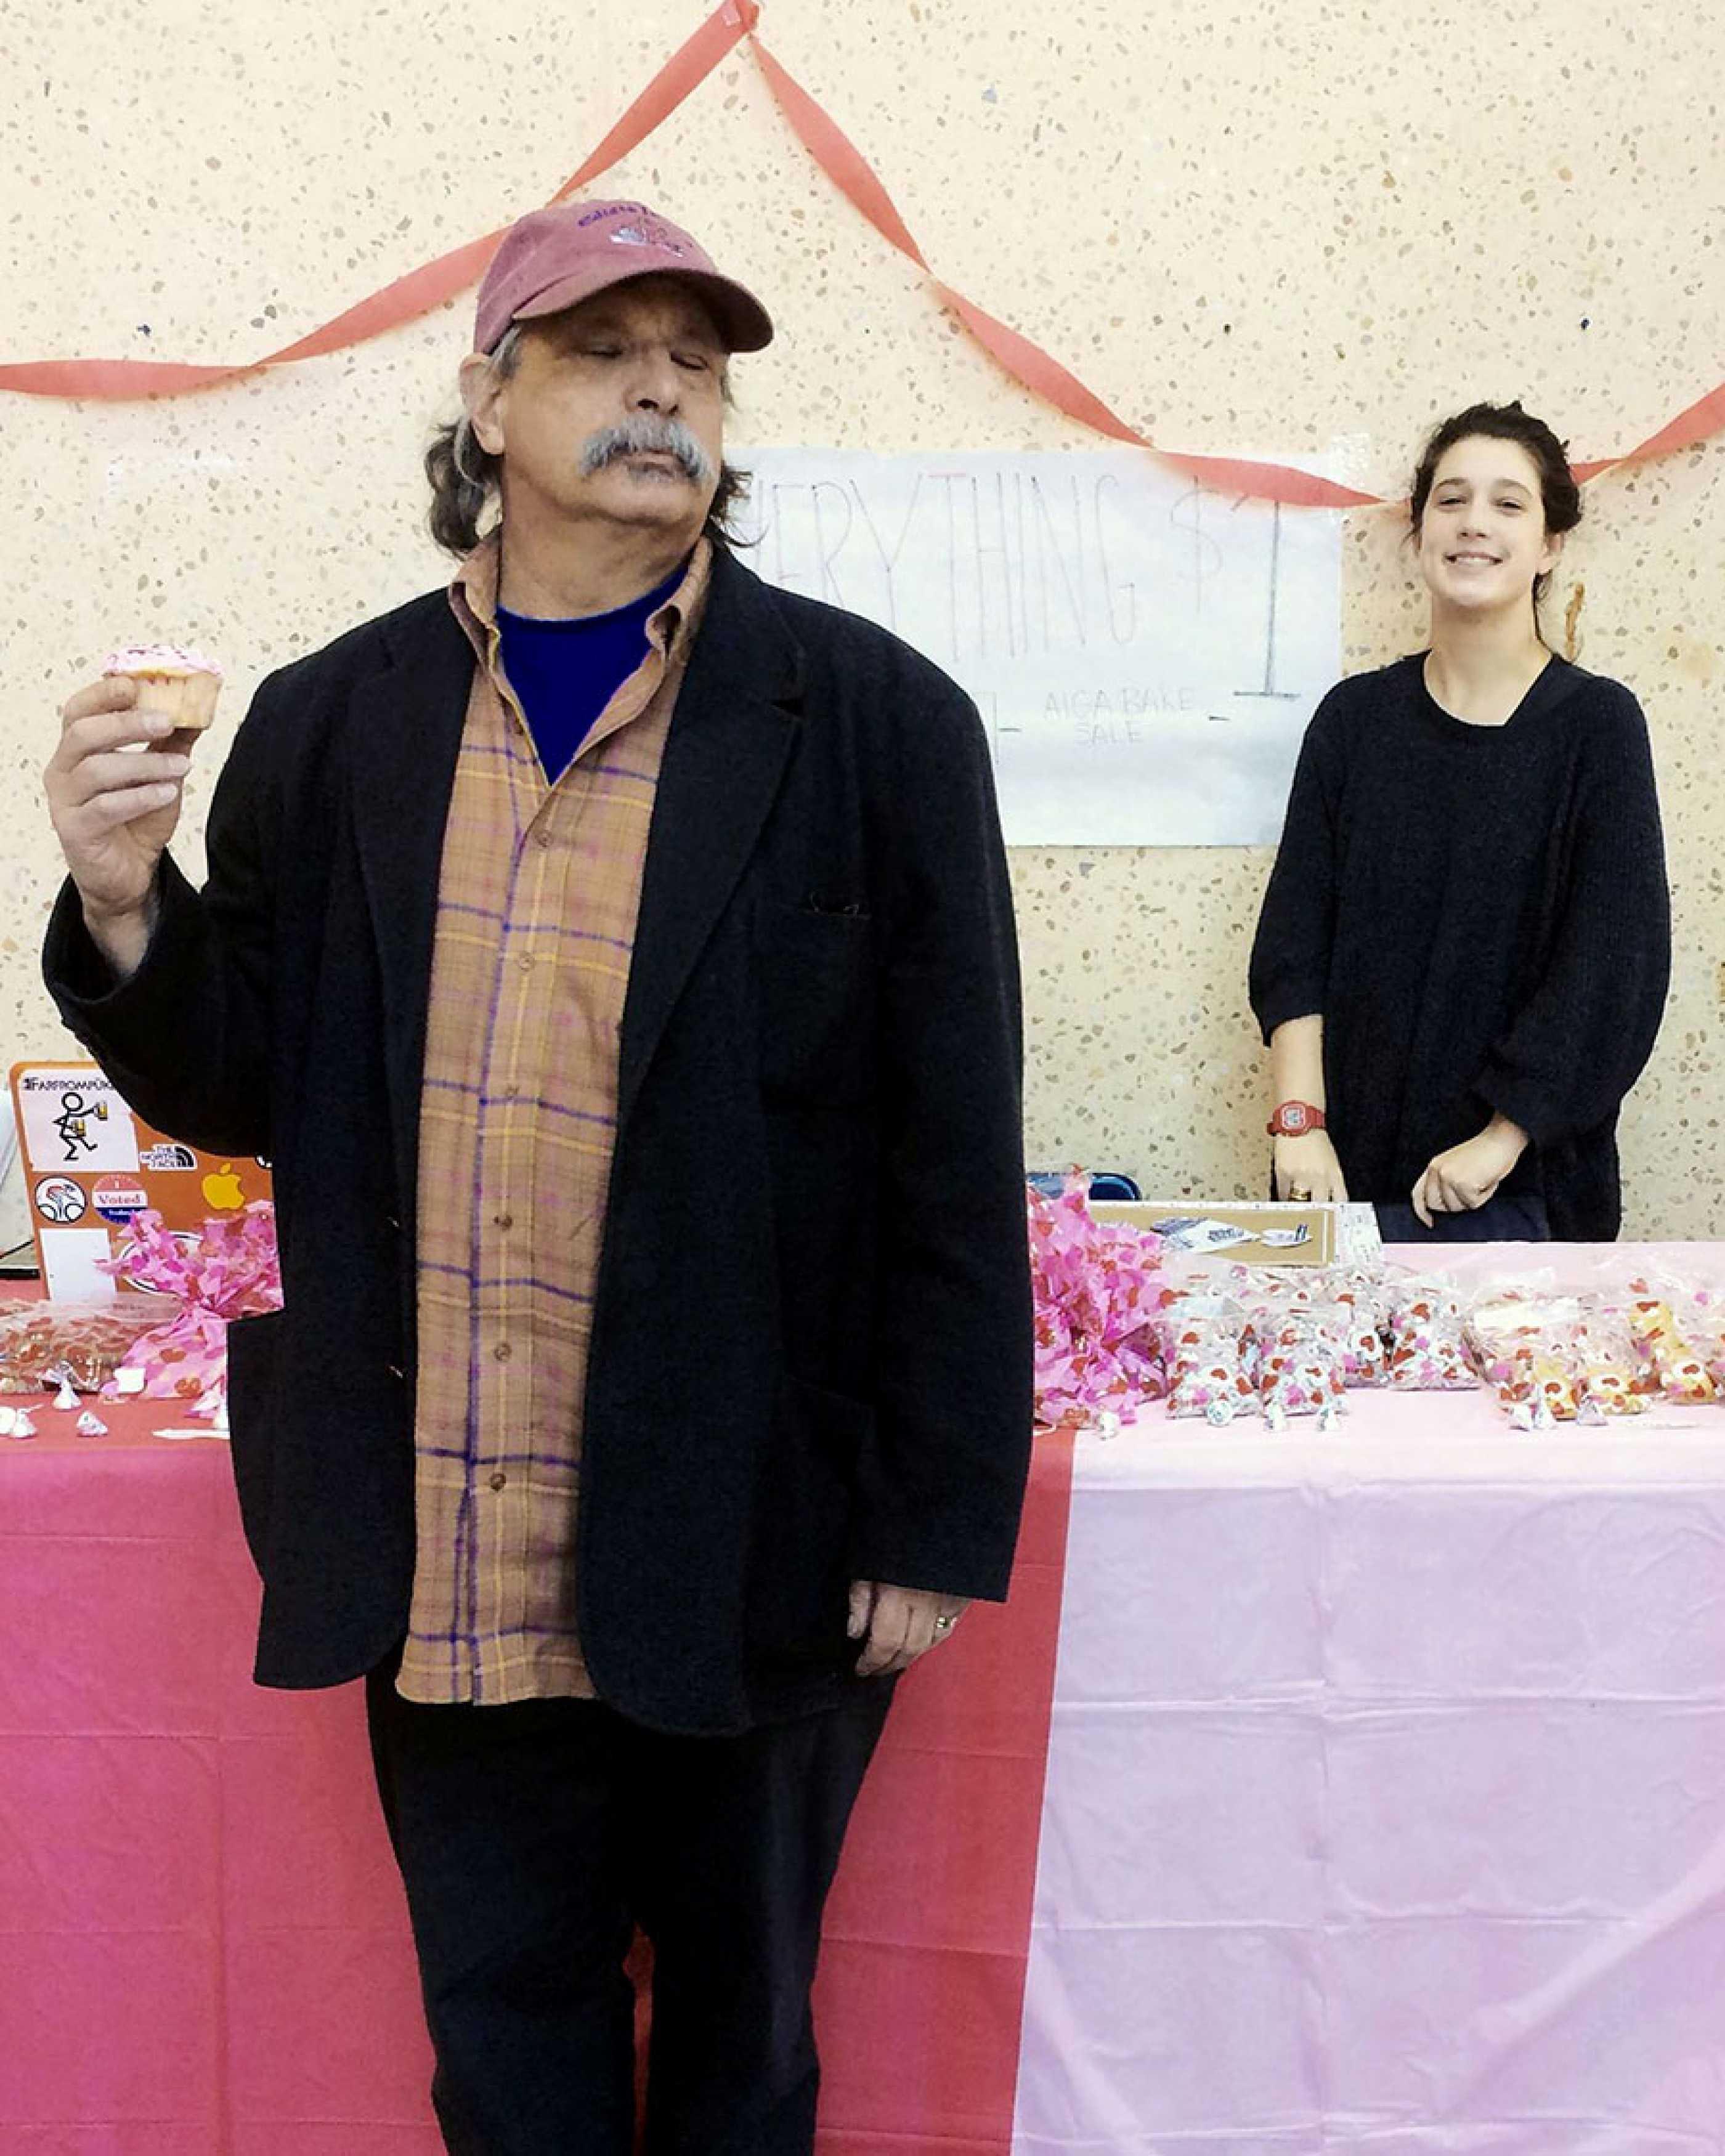 Gary Nemcosky enjoys a cupcake